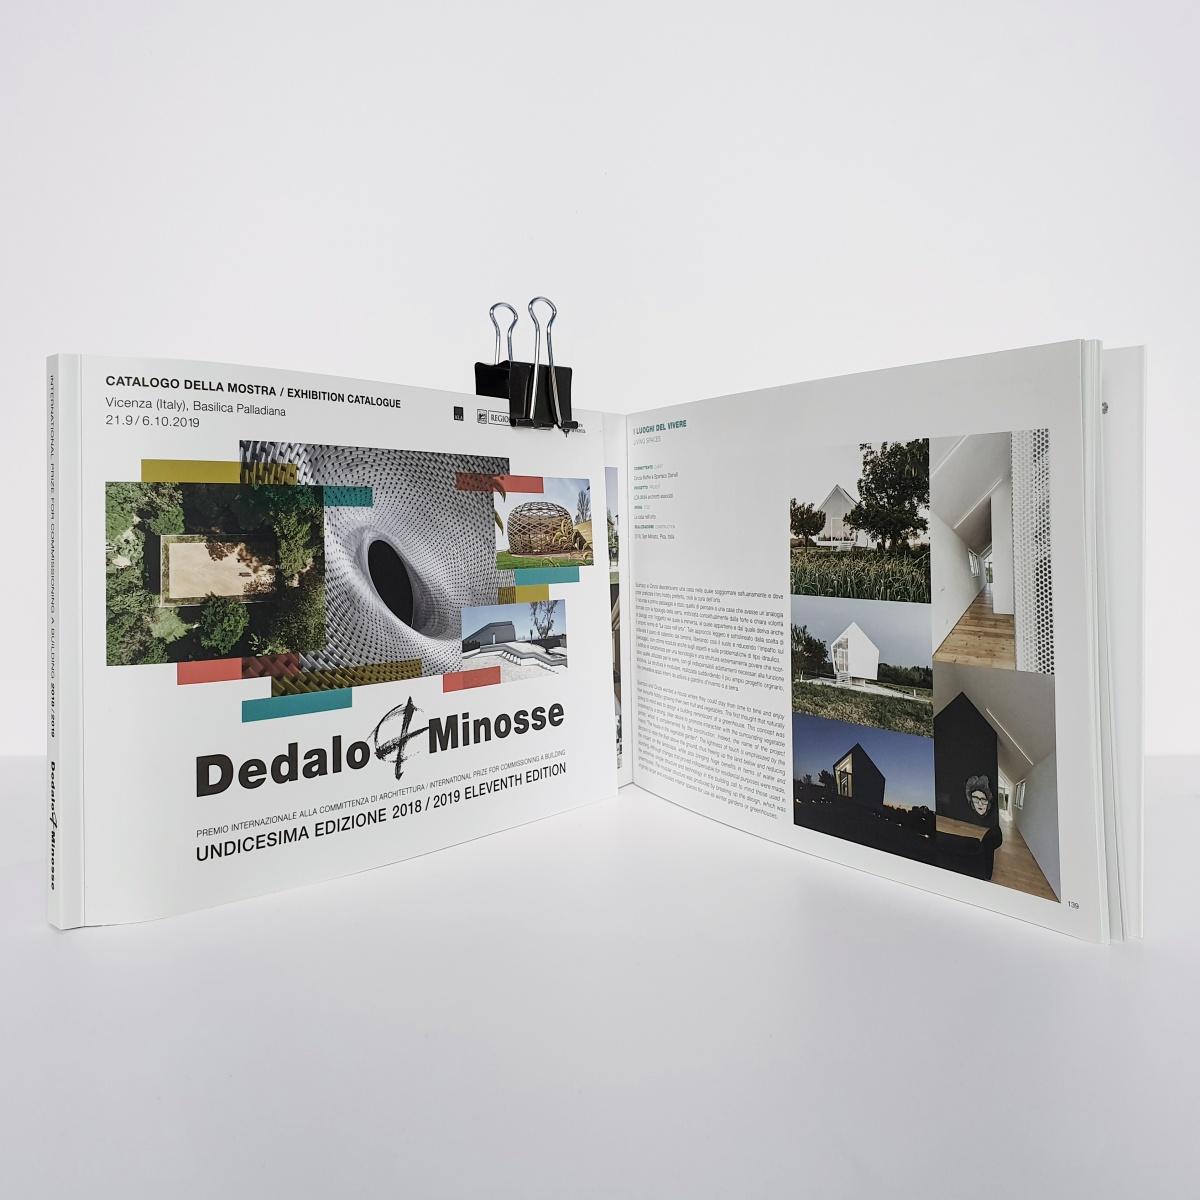 catalogo dedalo minosse premio internazionale architettura casa orto